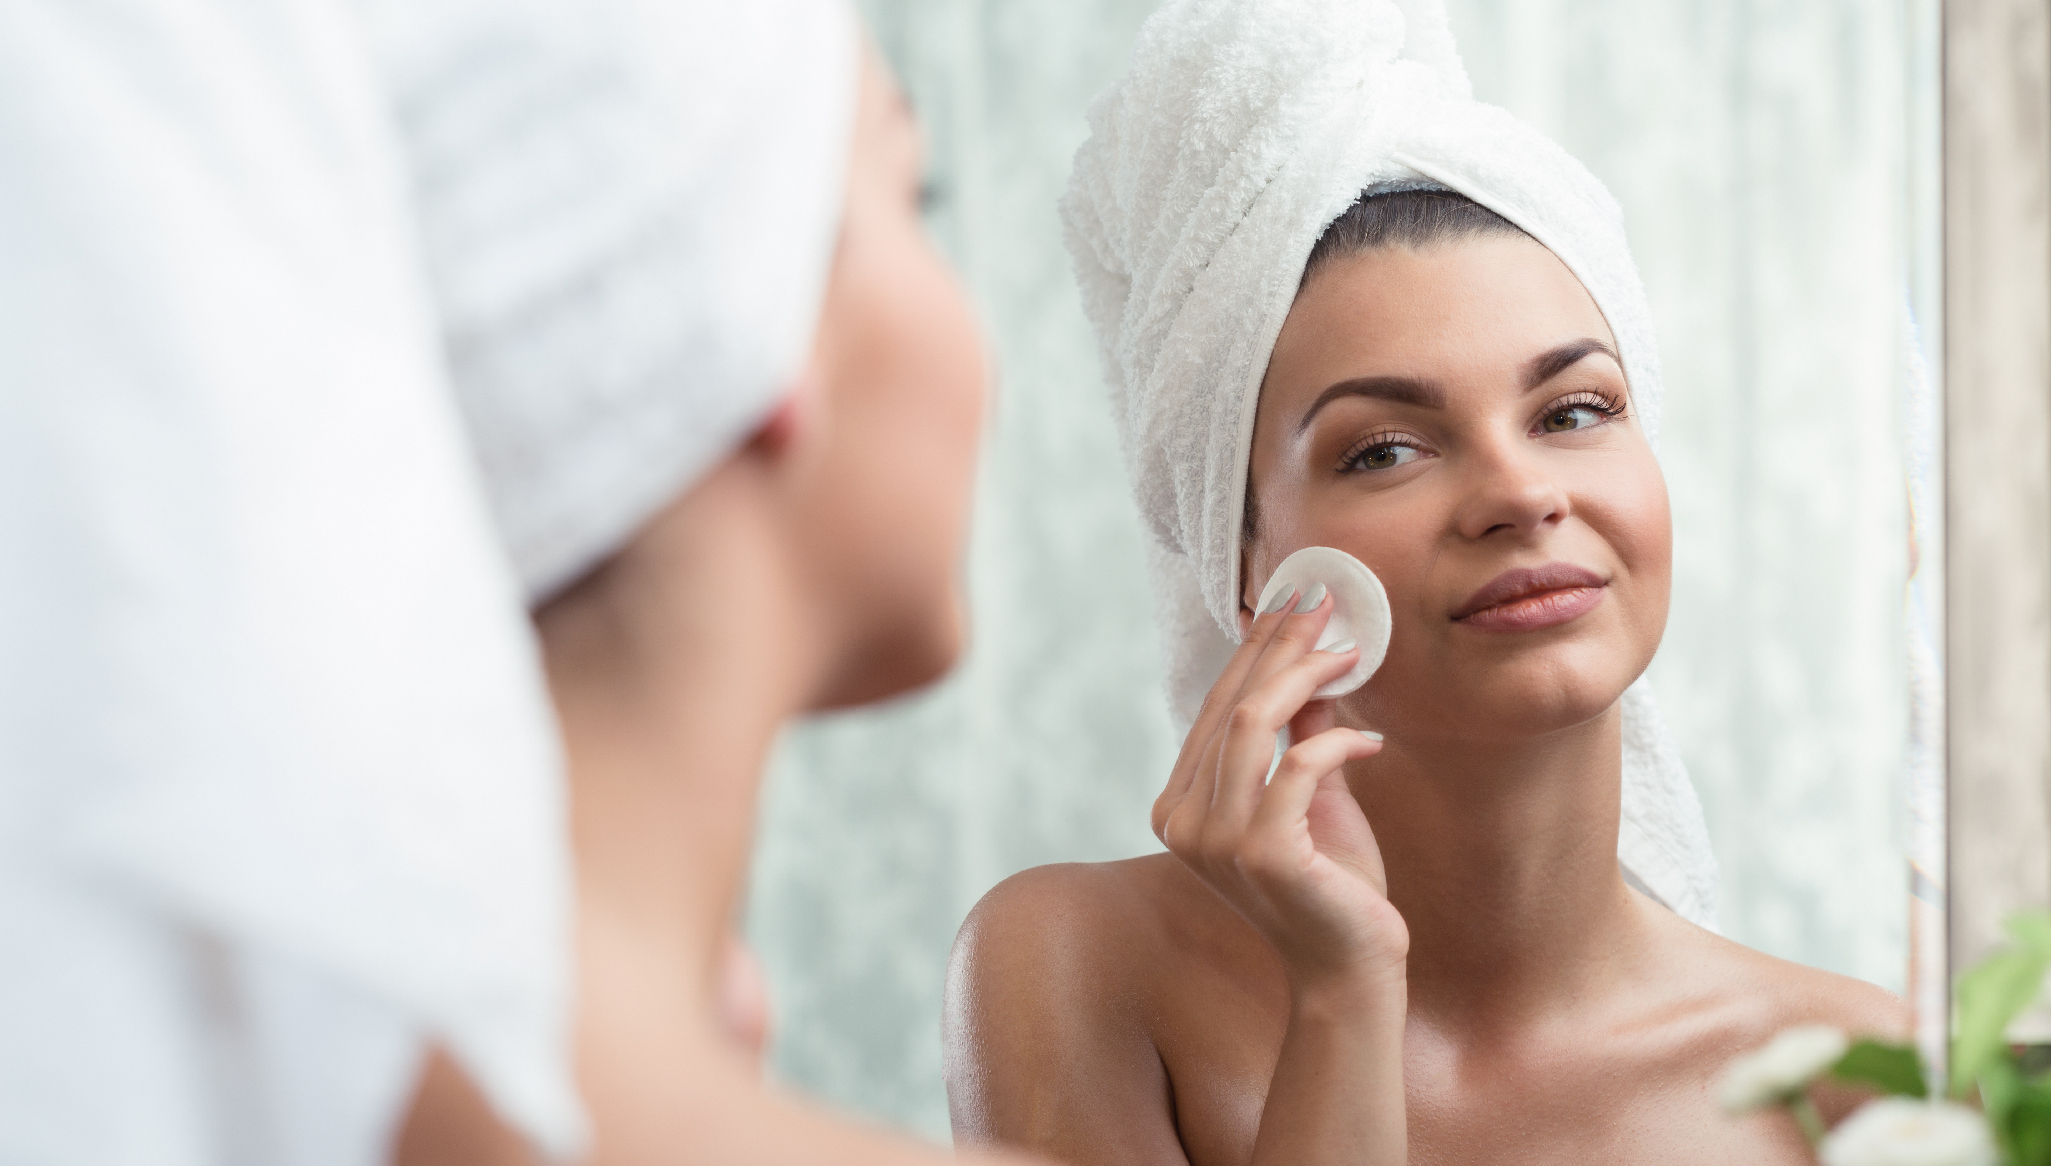 Bli av med finnarna - Kvinna rengör ansikte framför spegel